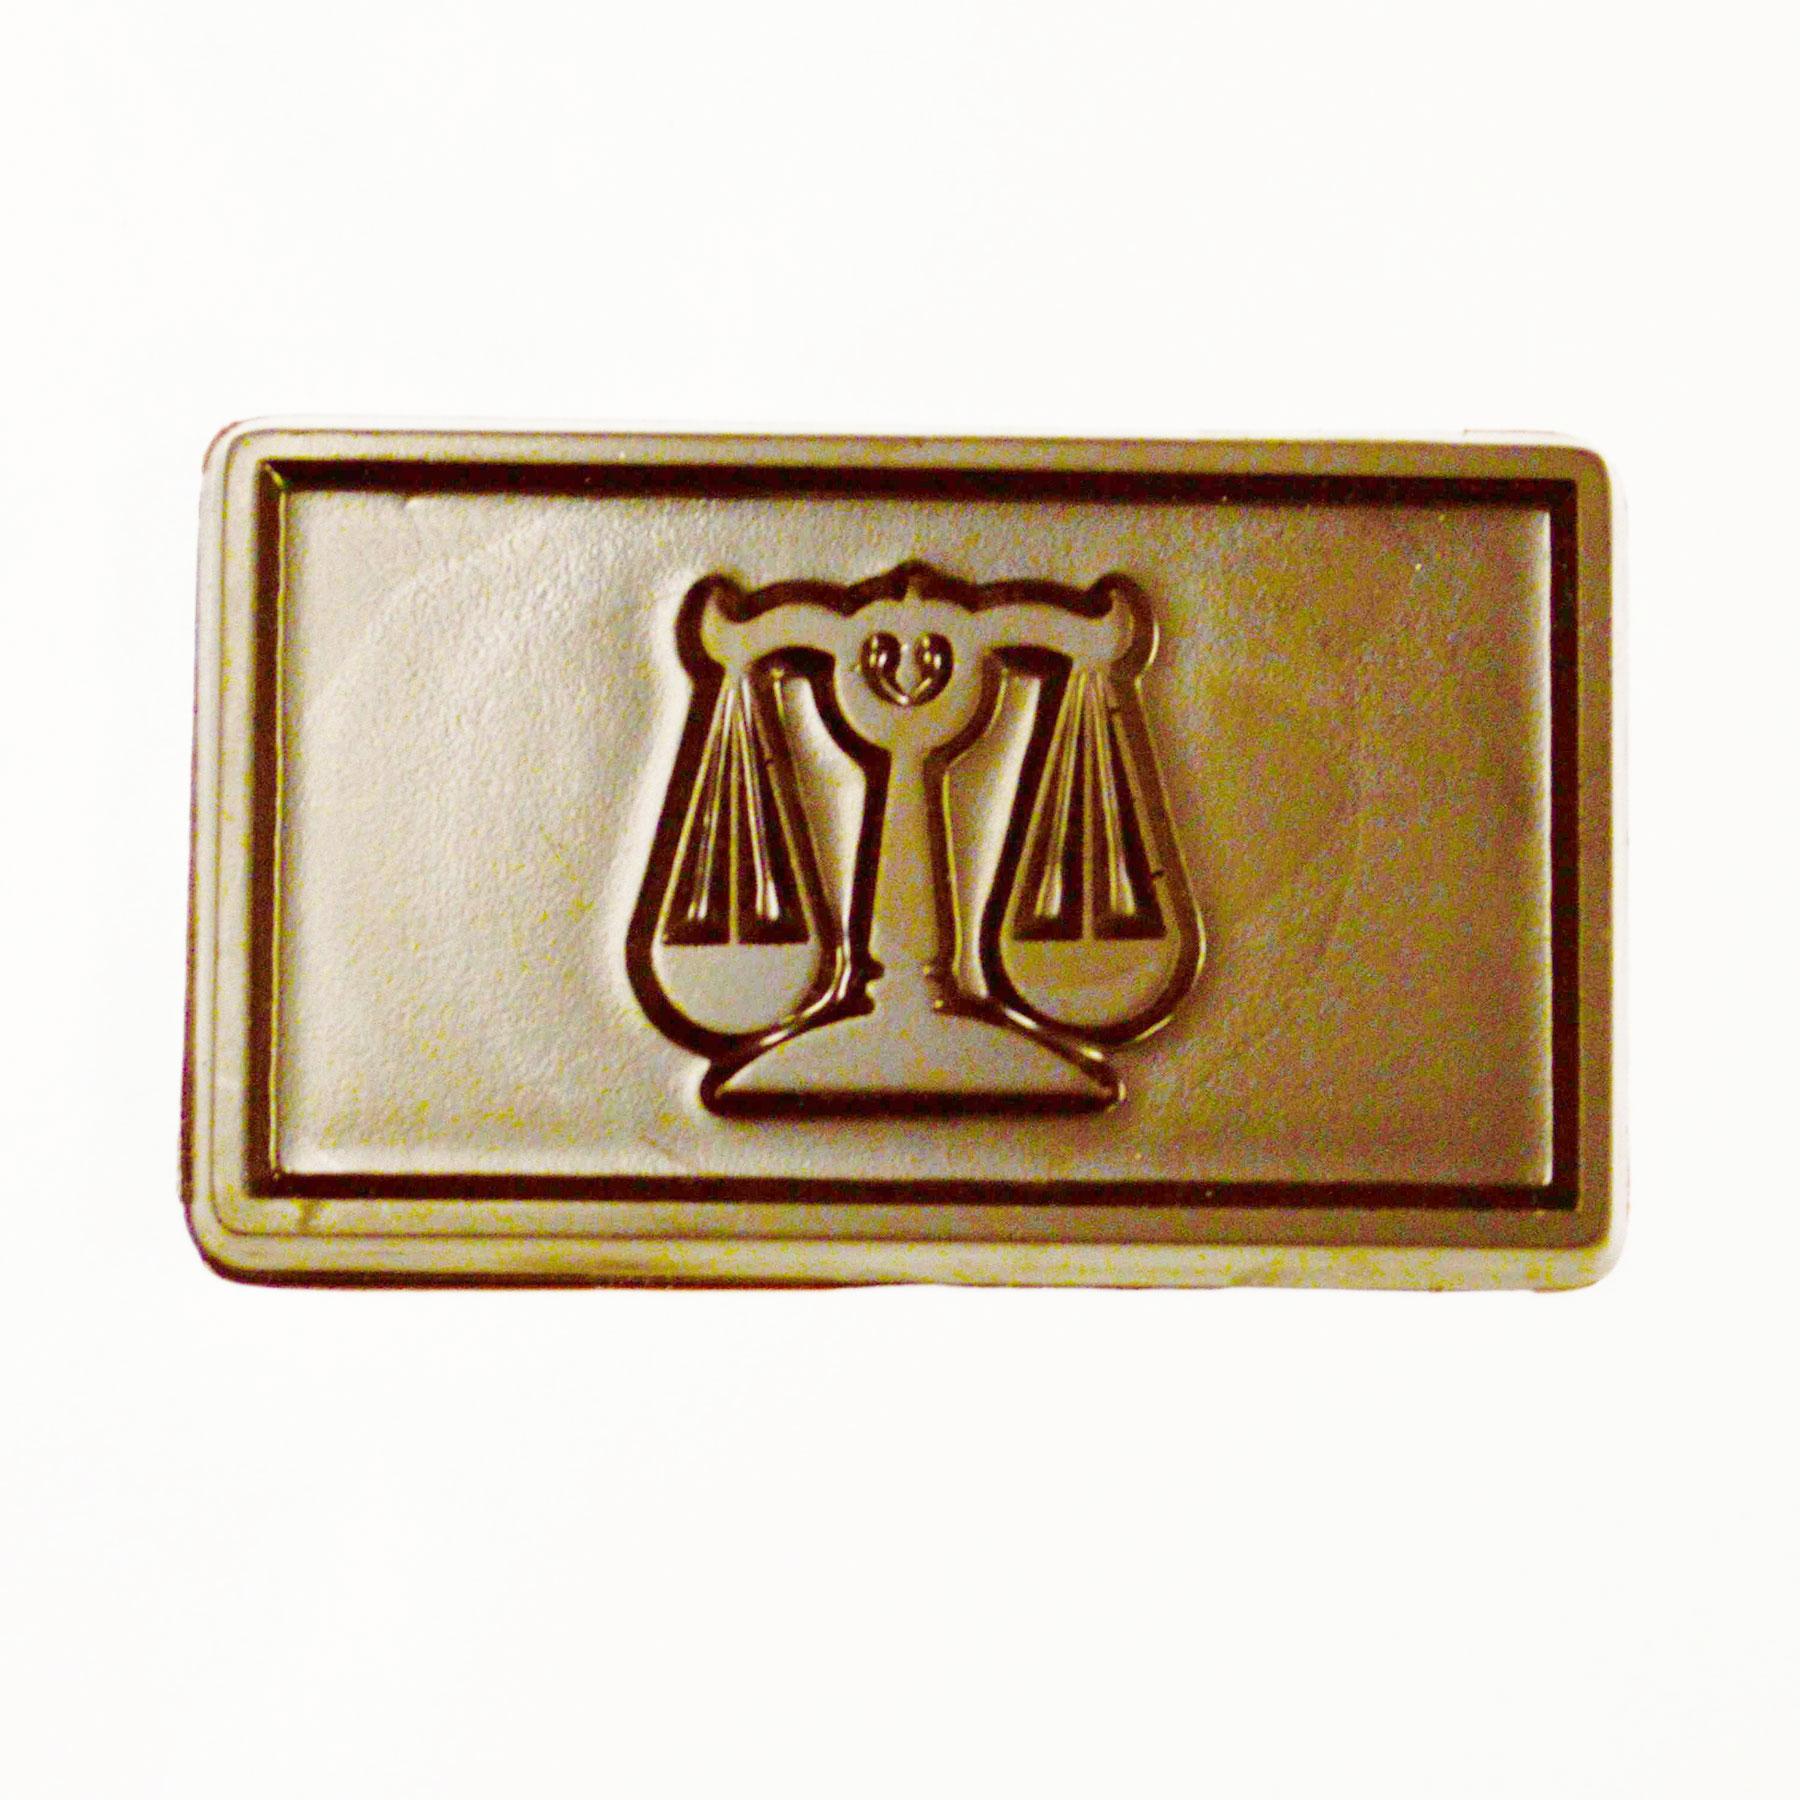 Bar (Legal)